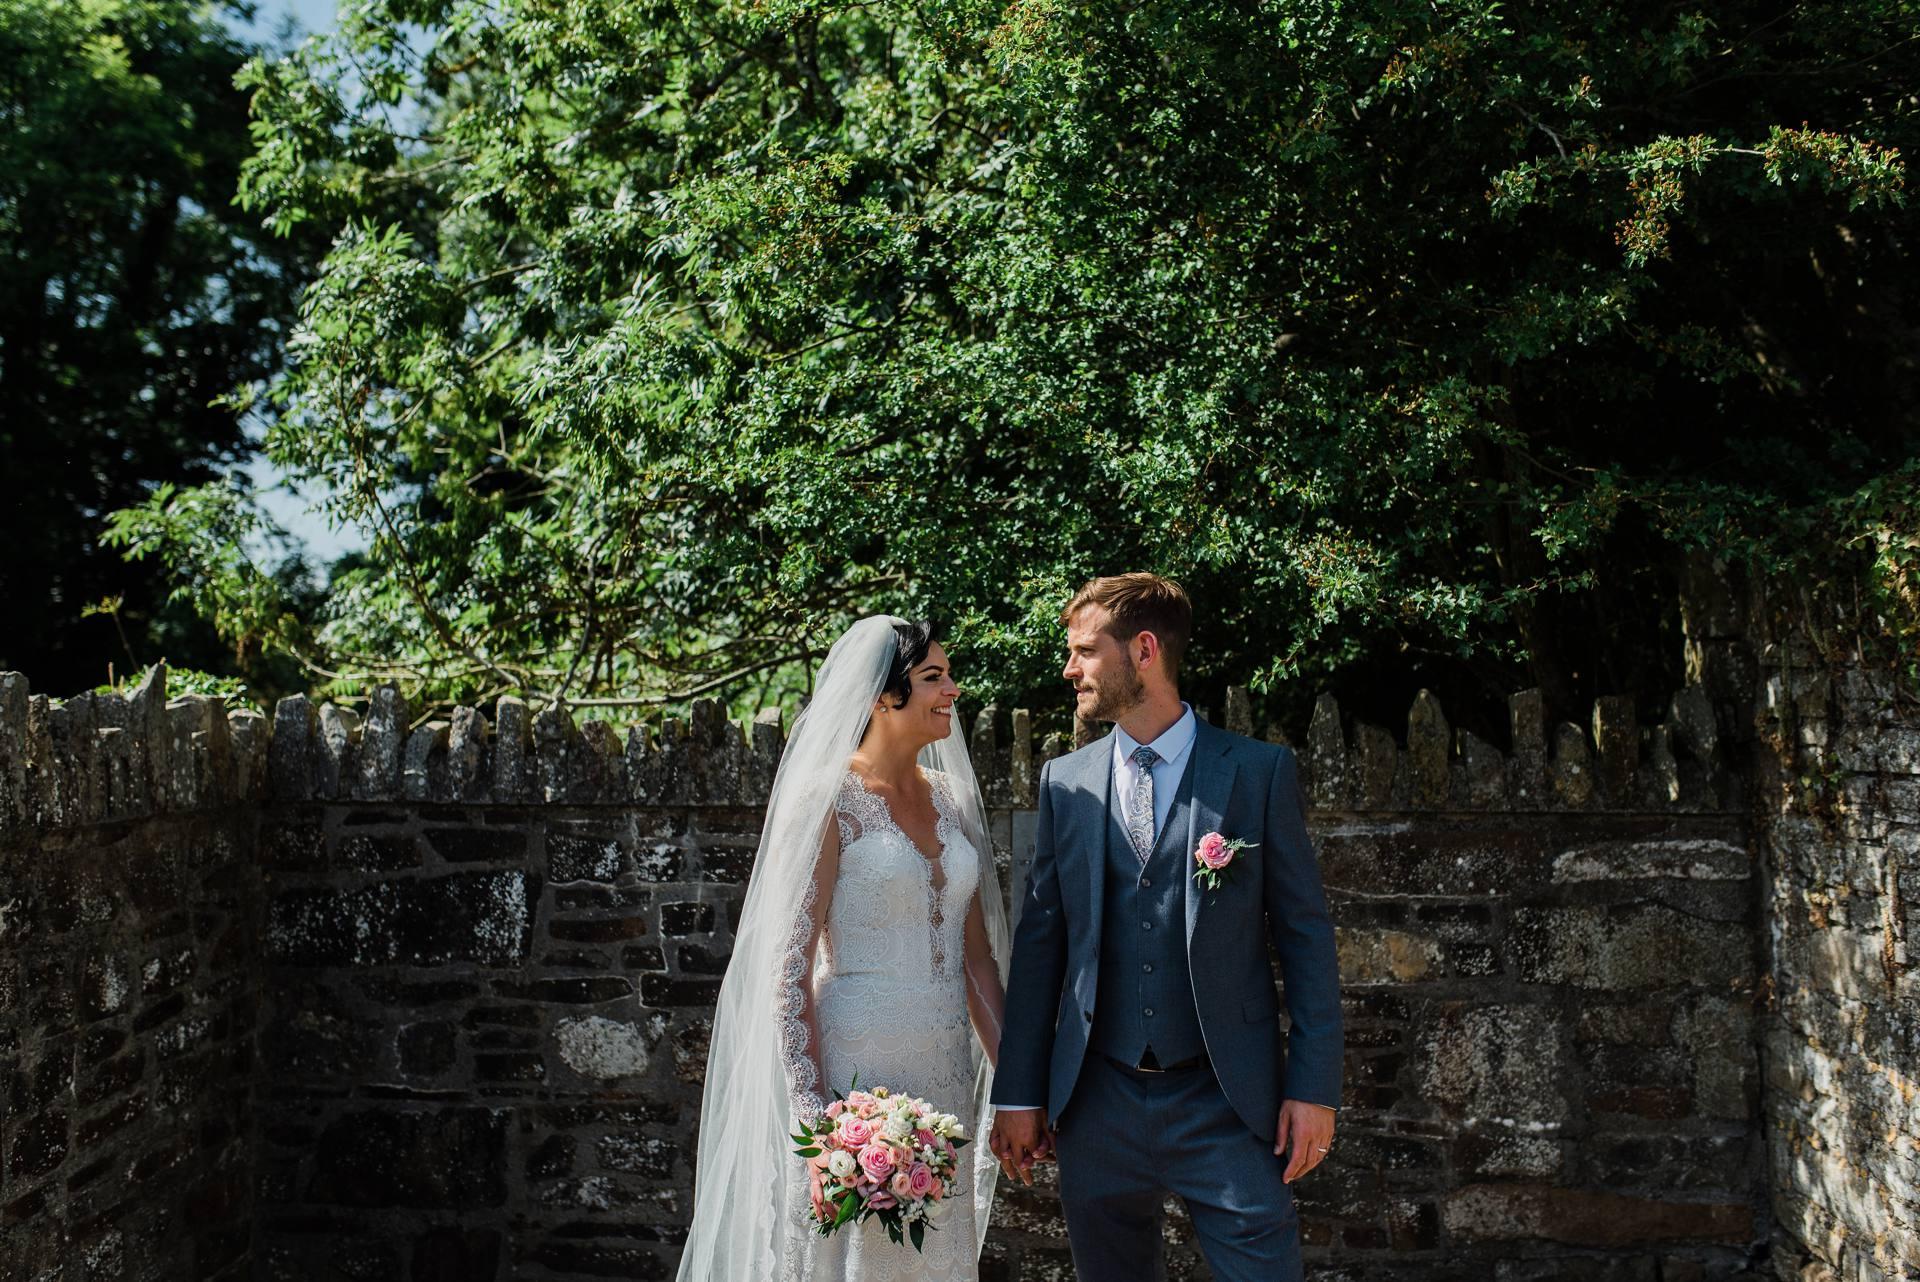 Bride and groom beside trees